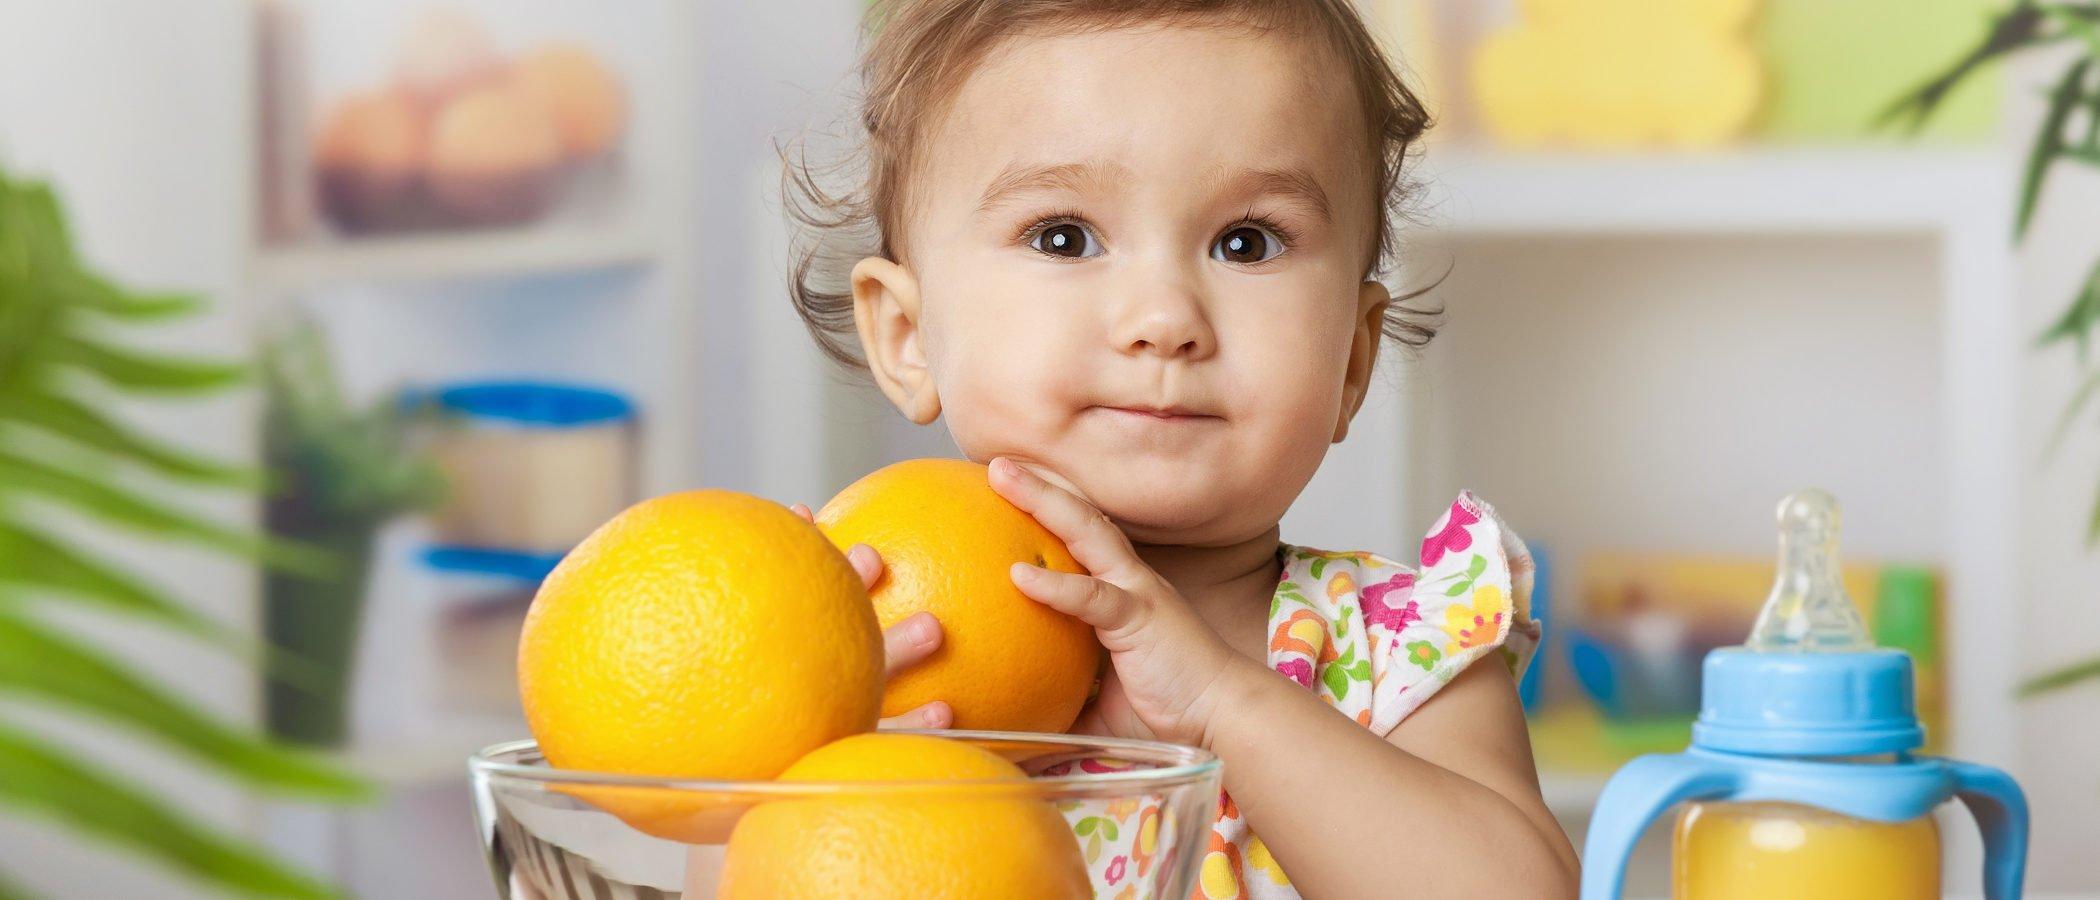 mi bebé puede comer naranja